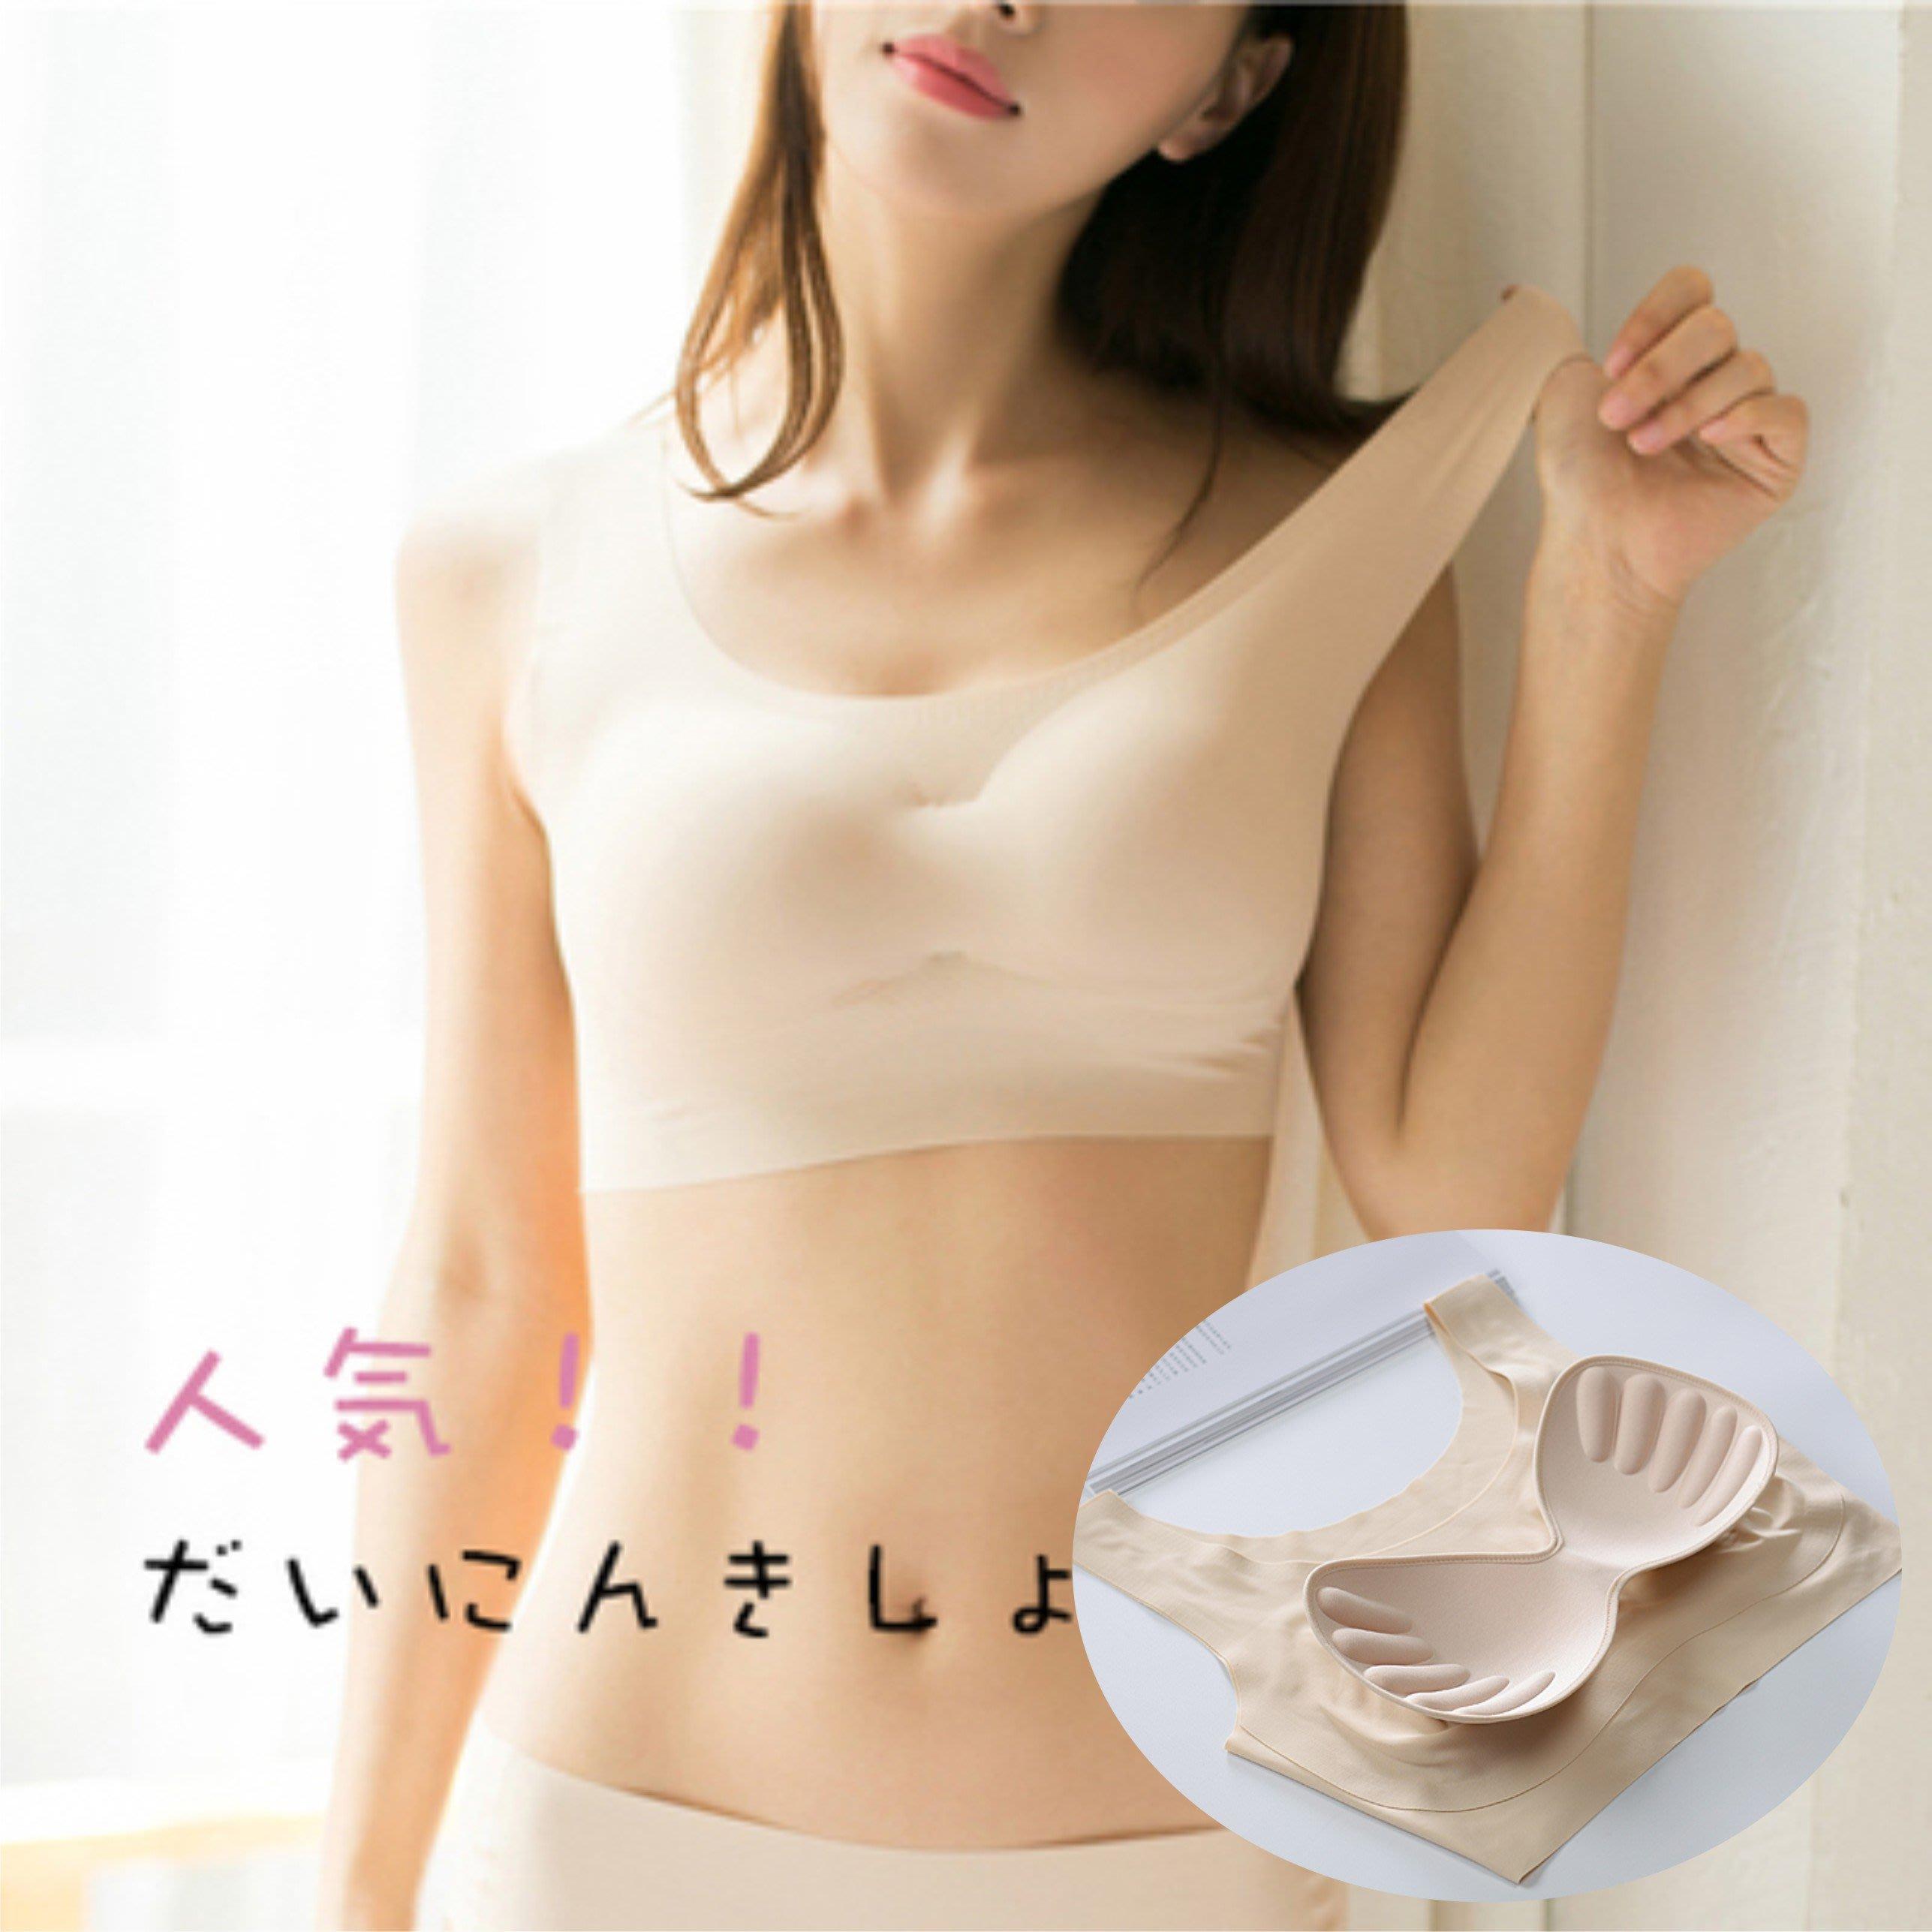 日本無痕背心式內衣 高品質高評價 裸感零束縛 穿上就像沒穿一樣 一體掌托式內衣 無鋼圈內衣 睡眠內衣 貼身舒適 F56